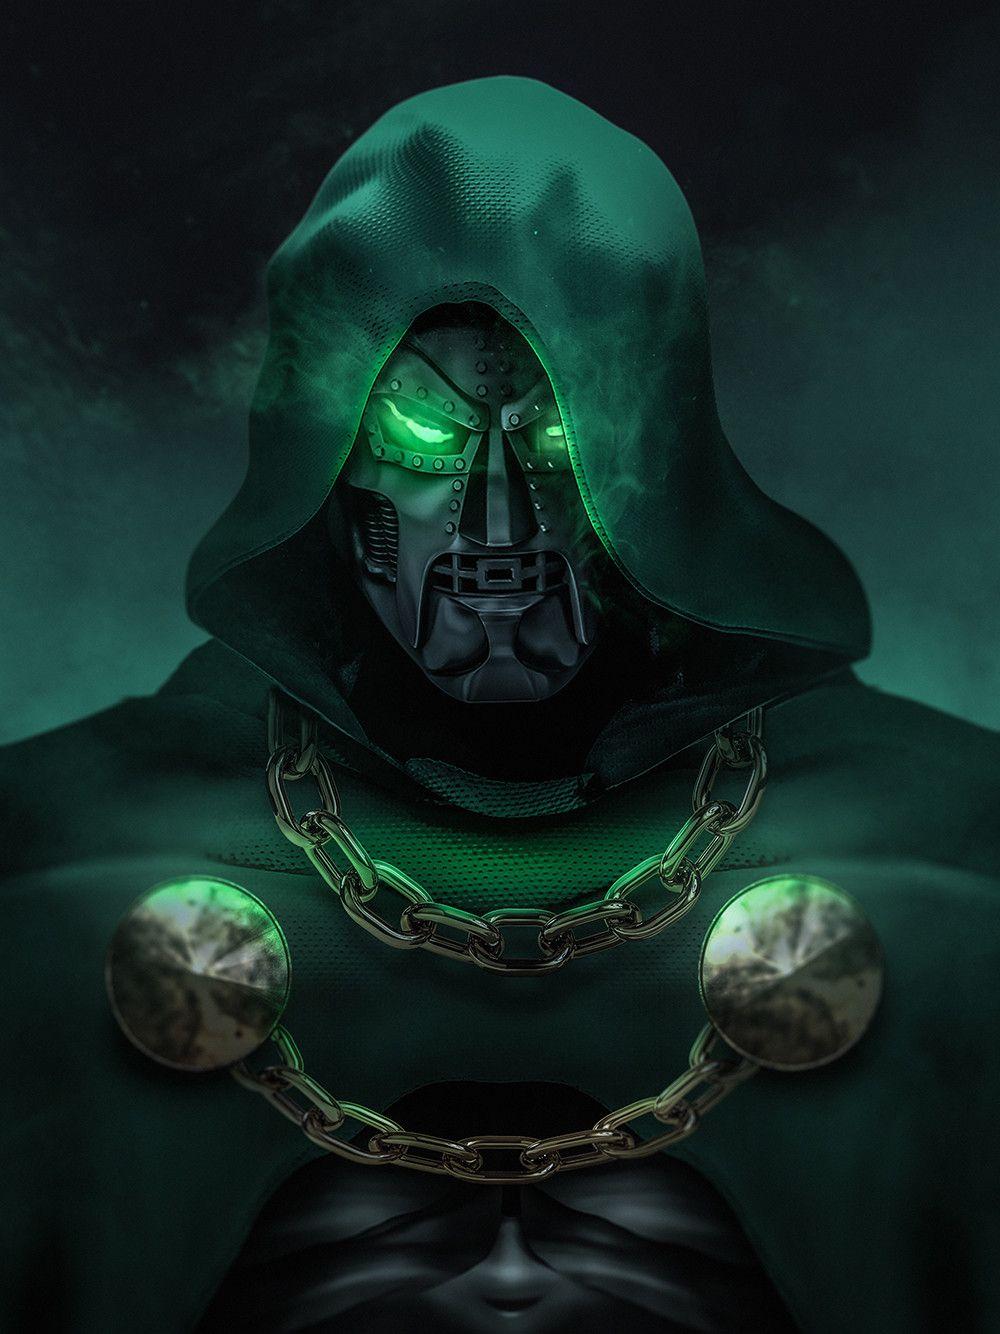 The Doctor Kode Lgx On Artstation At Https Www Artstation Com Artwork Nvzro Doctor Doom Marvel Doctor Doom Art Marvel Villains